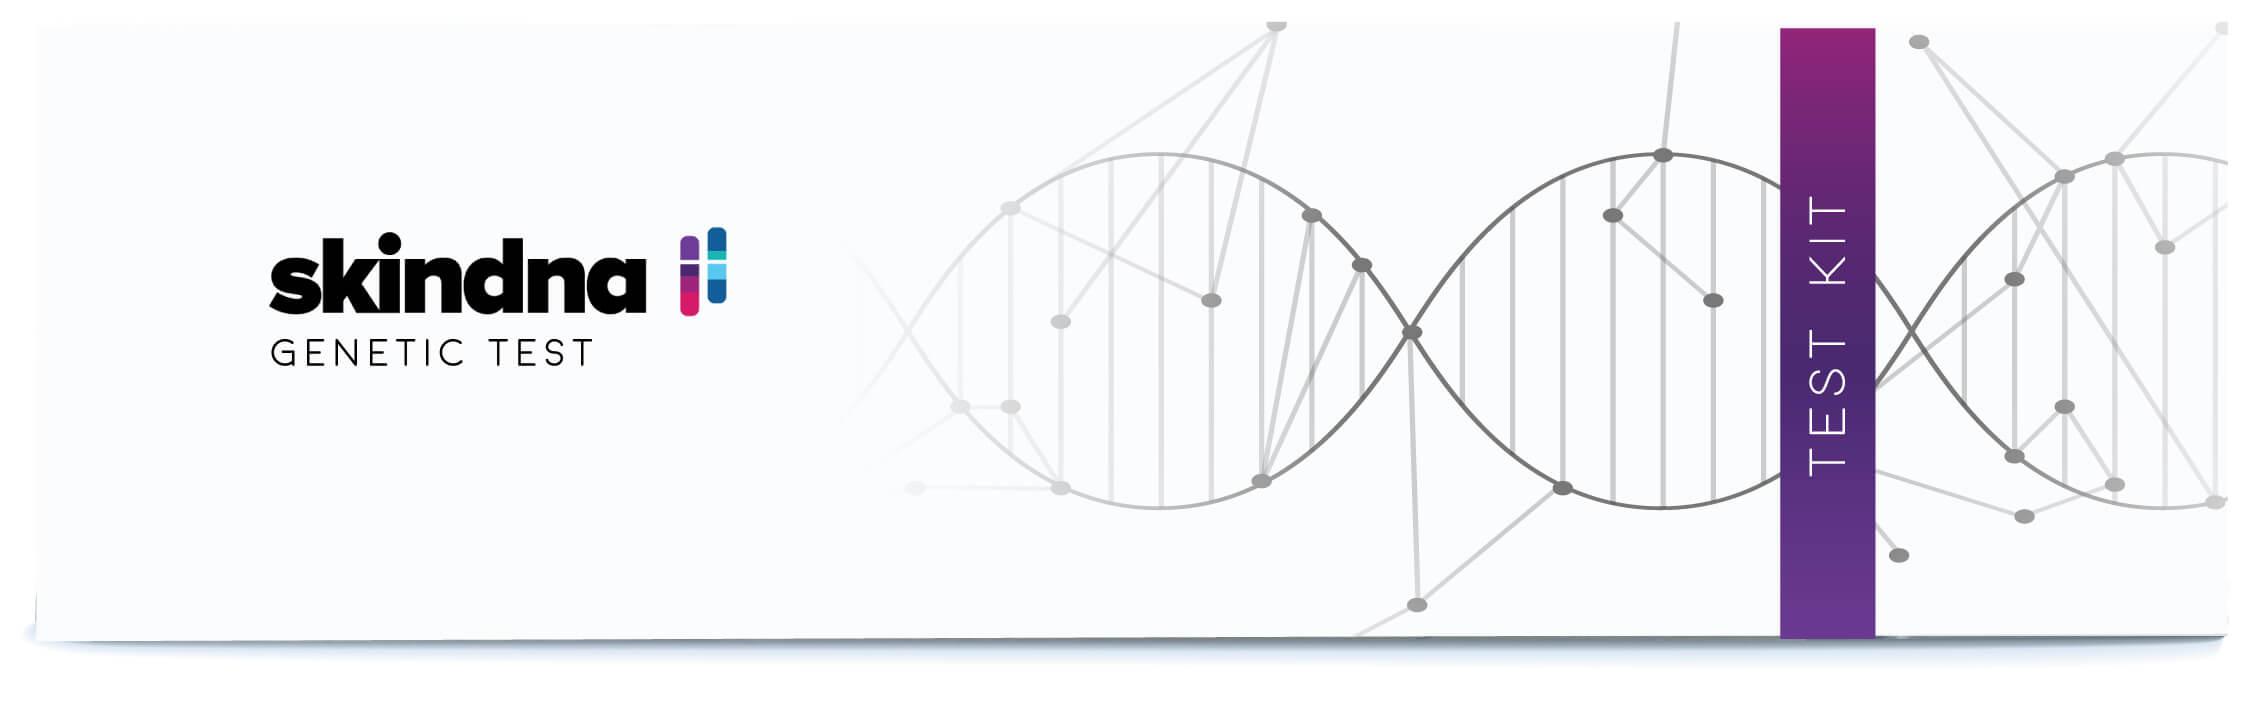 SkinDNA Genetic Test Kit